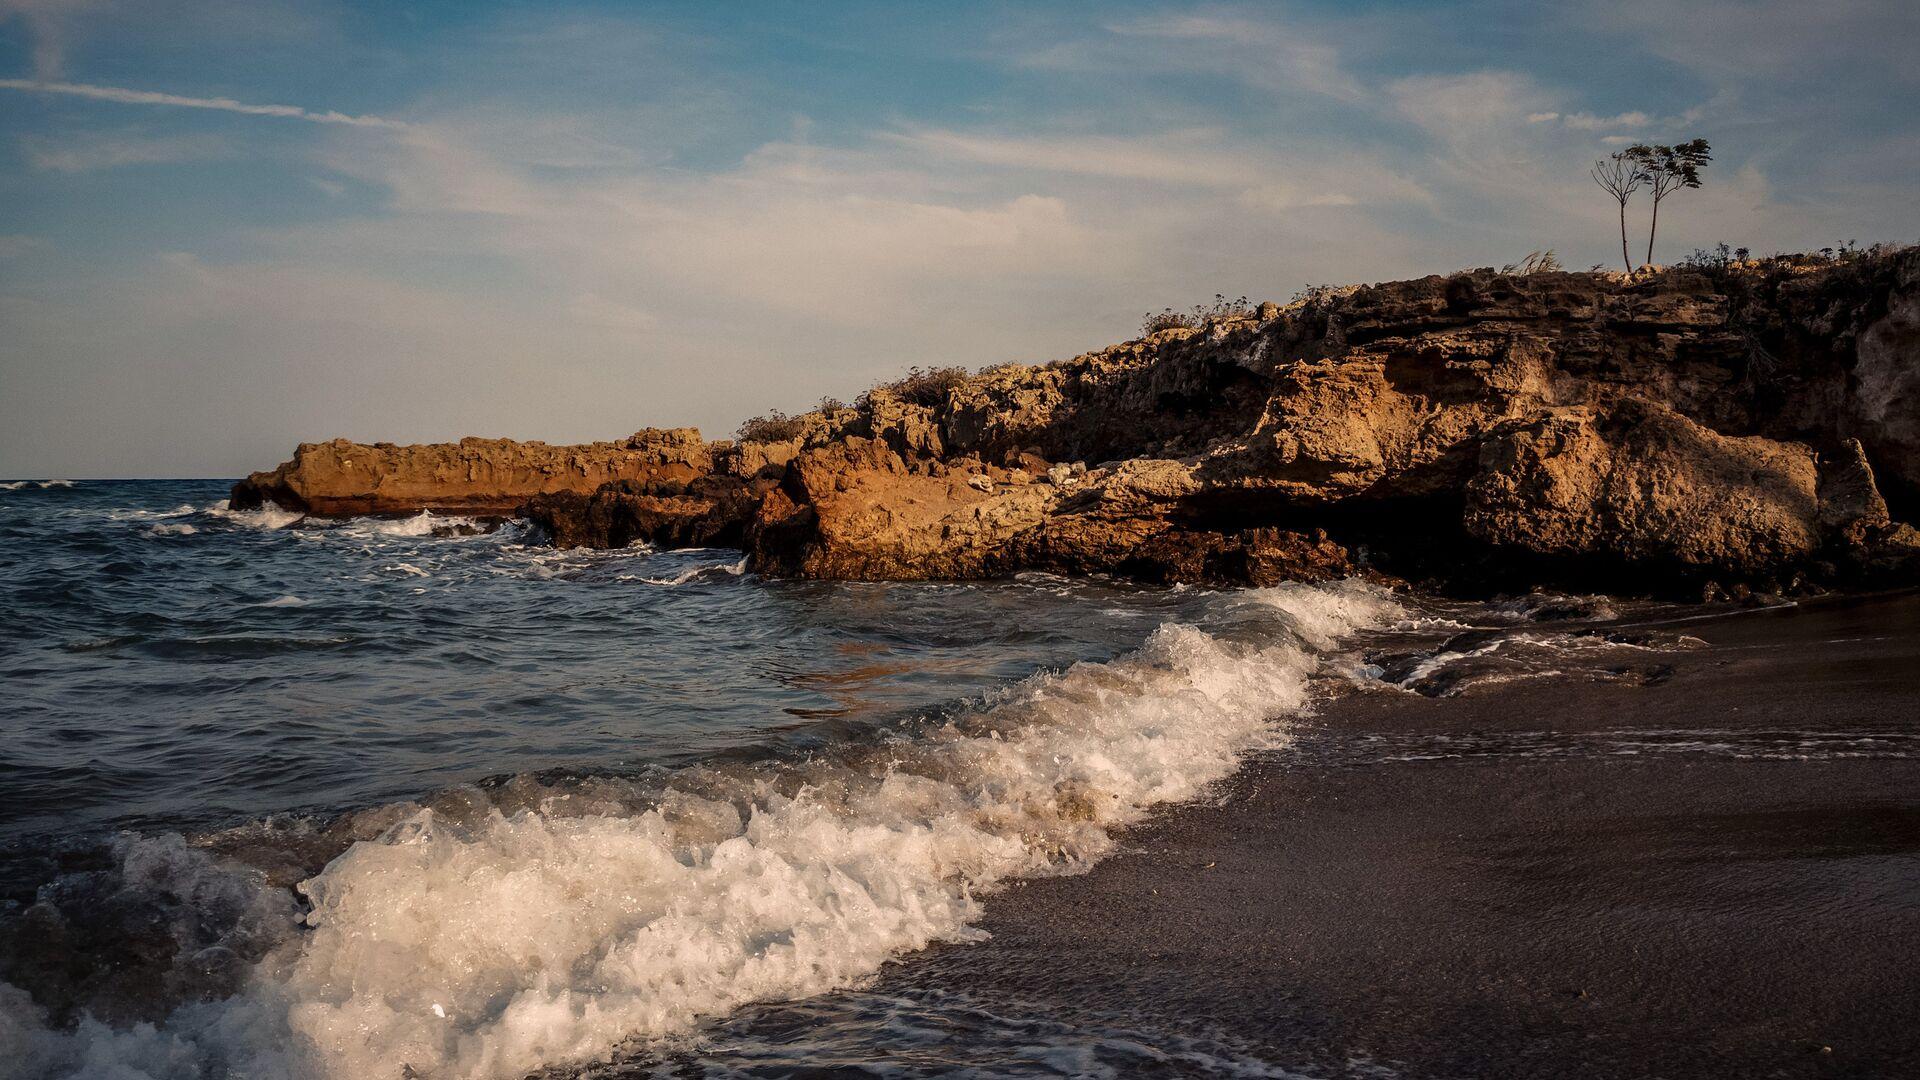 La costa de Chipre, en el mar Mediterráneo - Sputnik Mundo, 1920, 03.10.2021